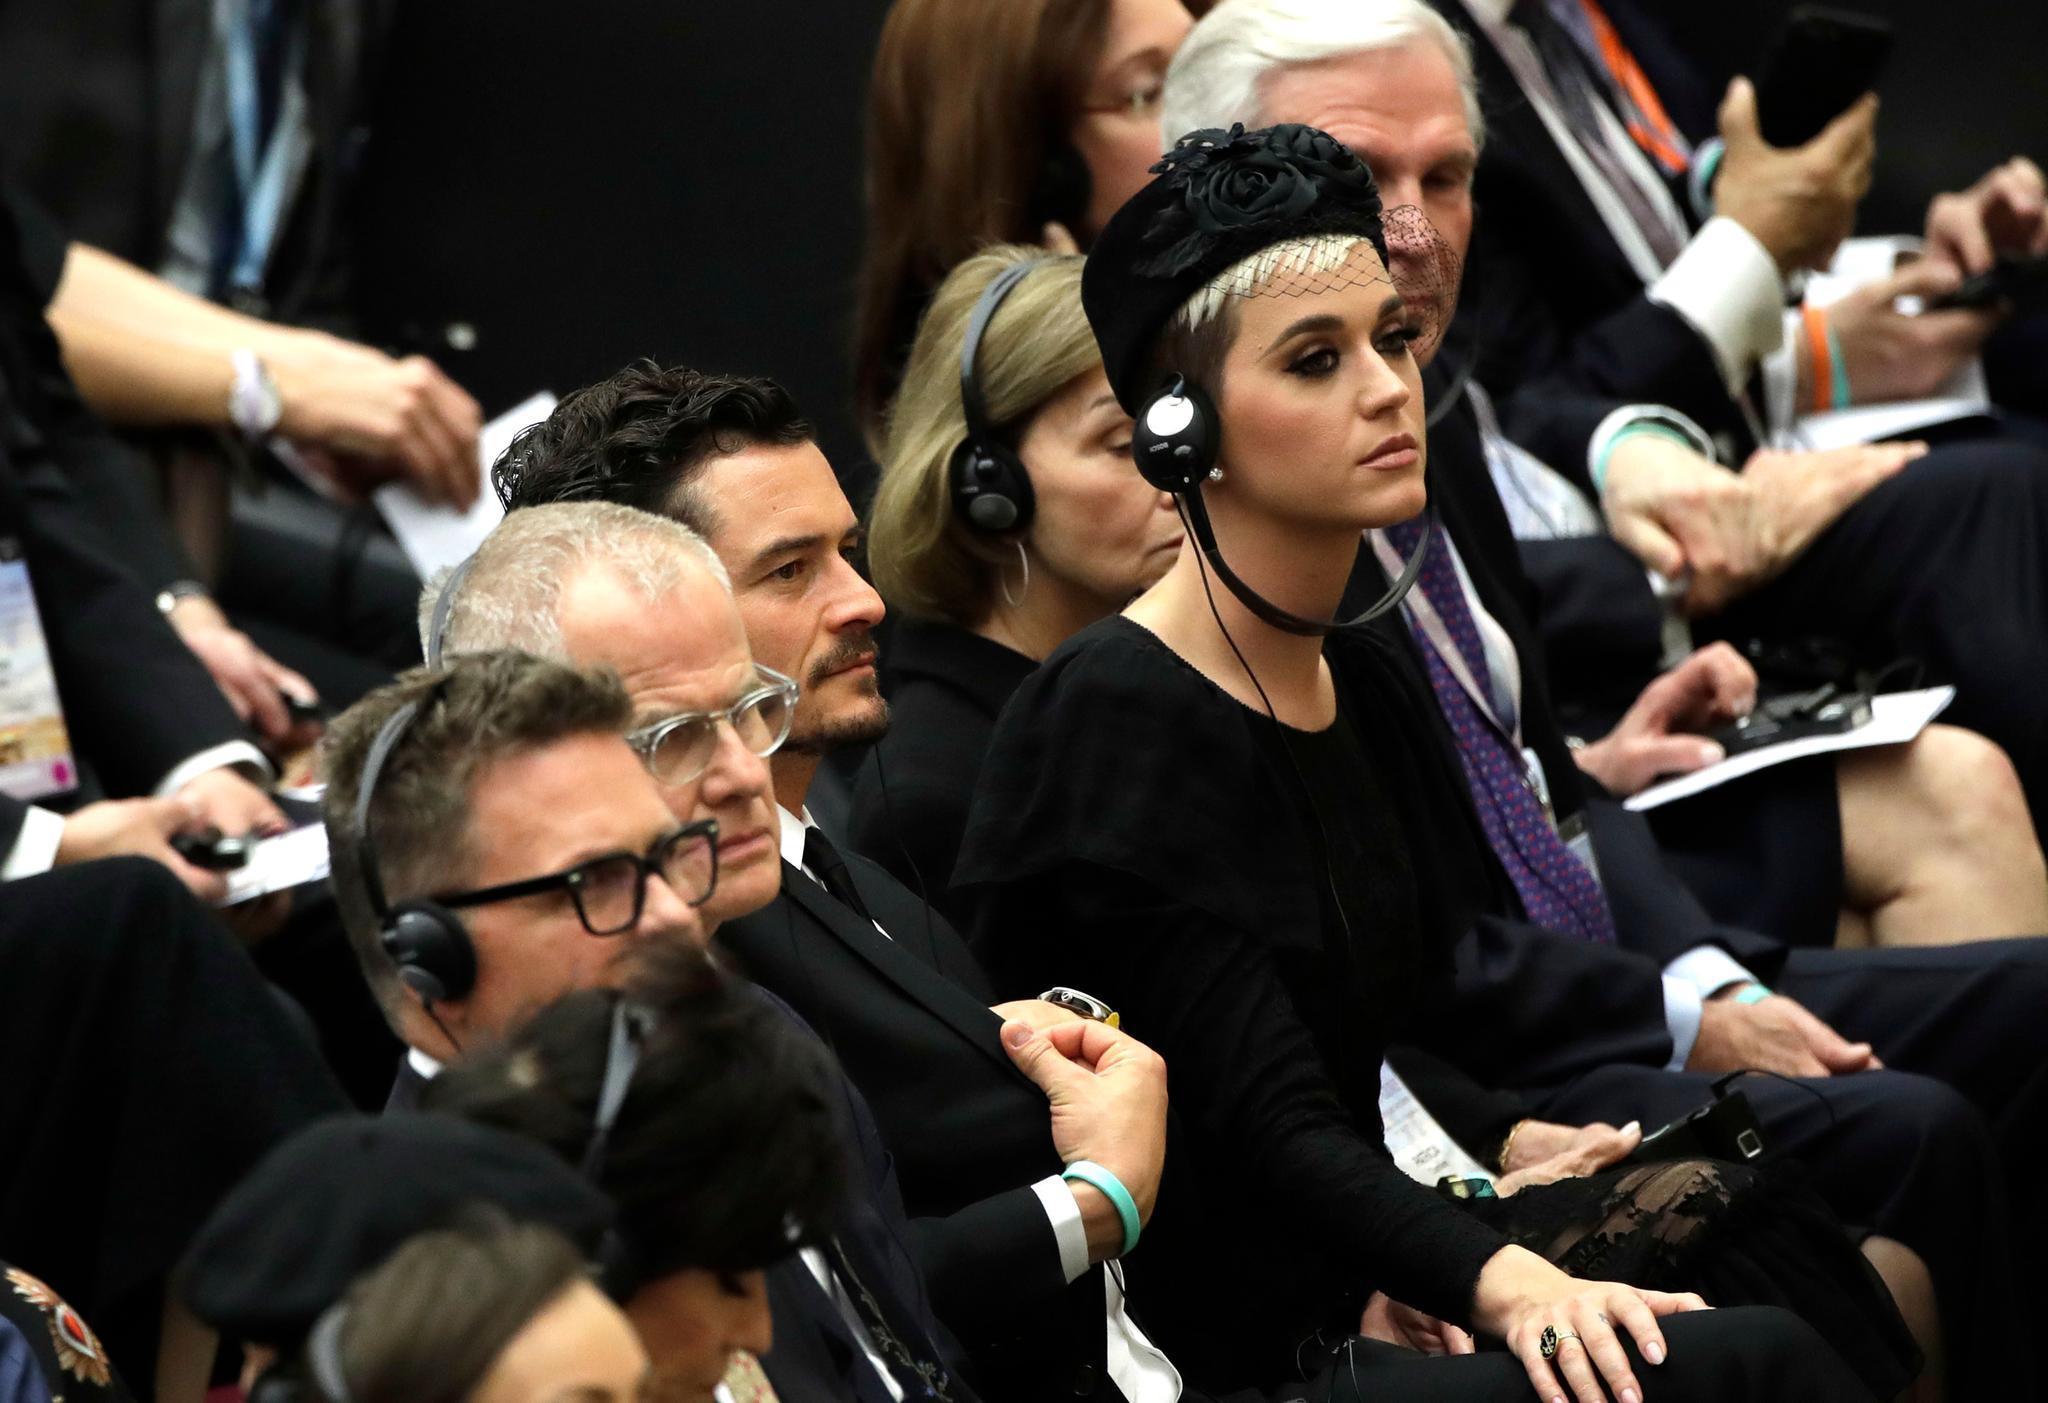 Während sie den Rednern lauschen, wandert die Hand von Katy Perry auf das Knie von Orlando Bloom, der neben ihr sitzt.